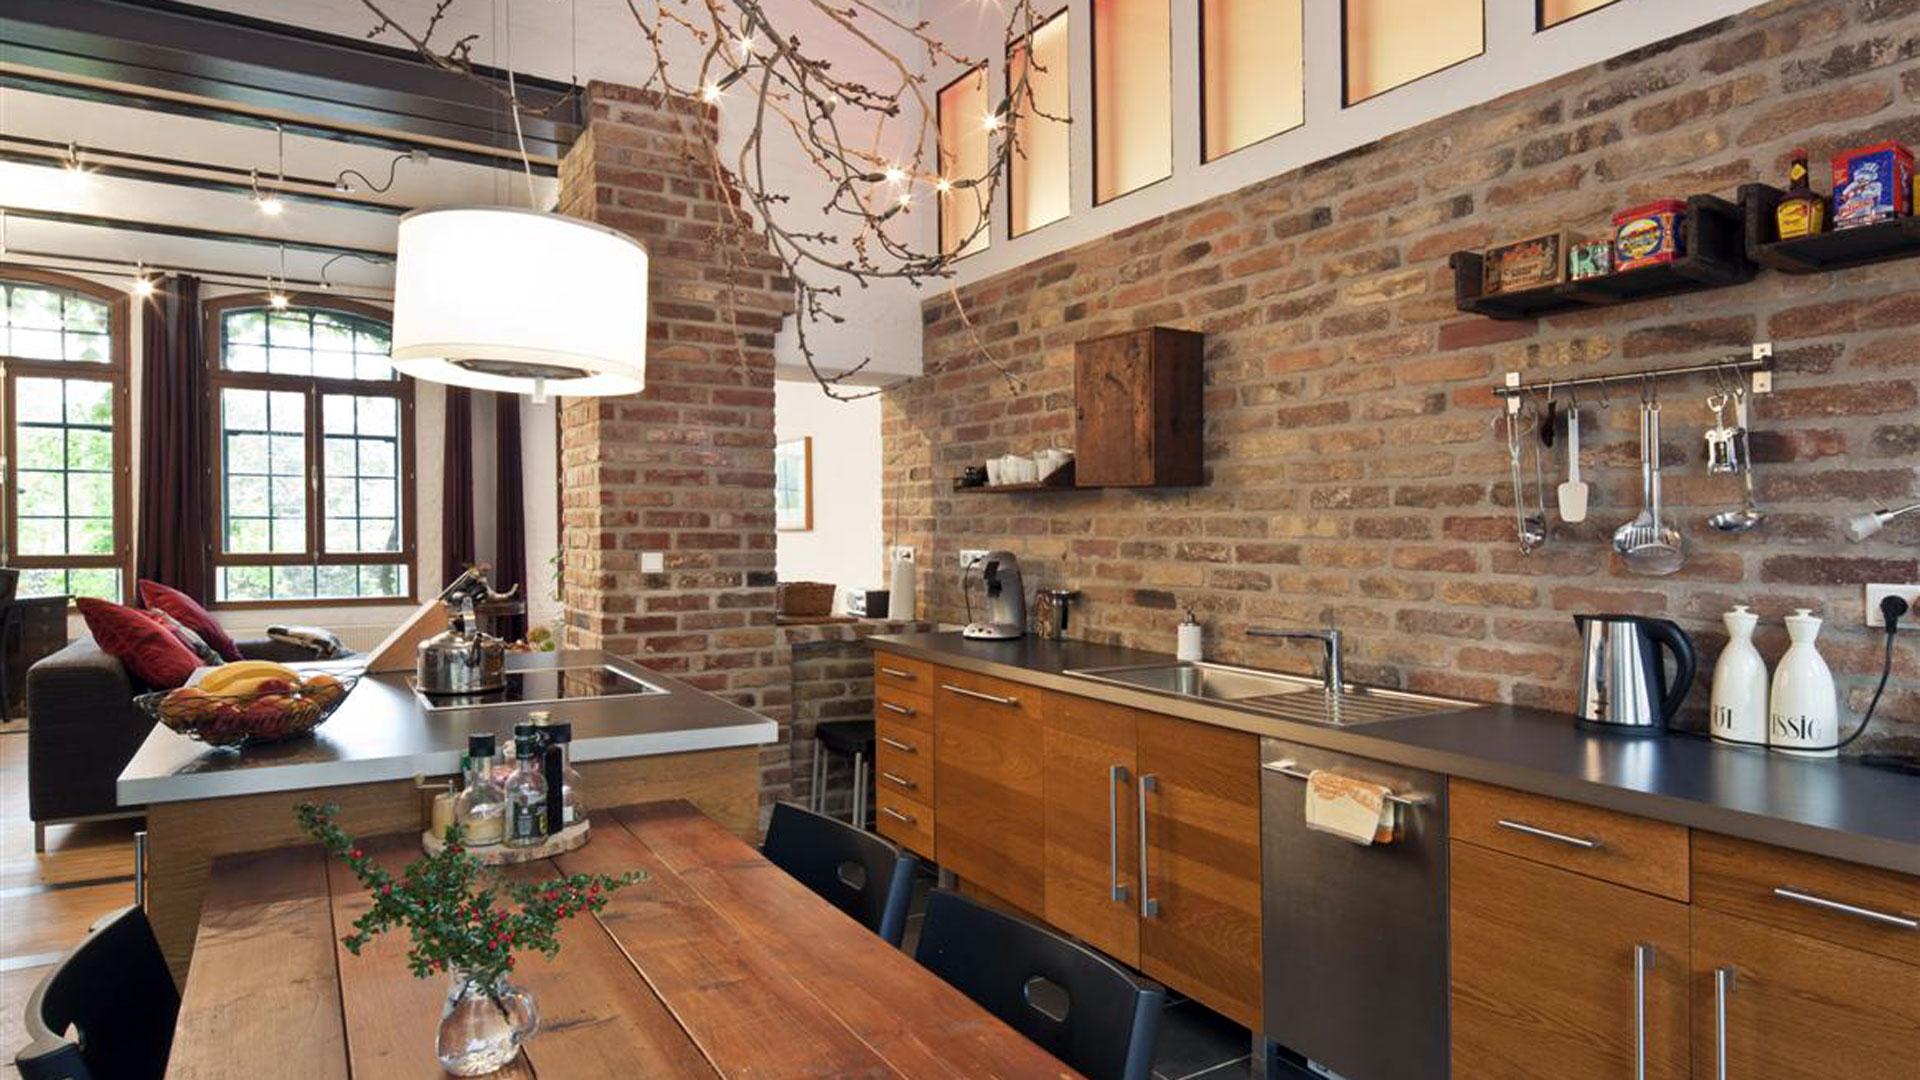 Wohnzimmer Tapeten kaufen  Wohnzimmer gestalten